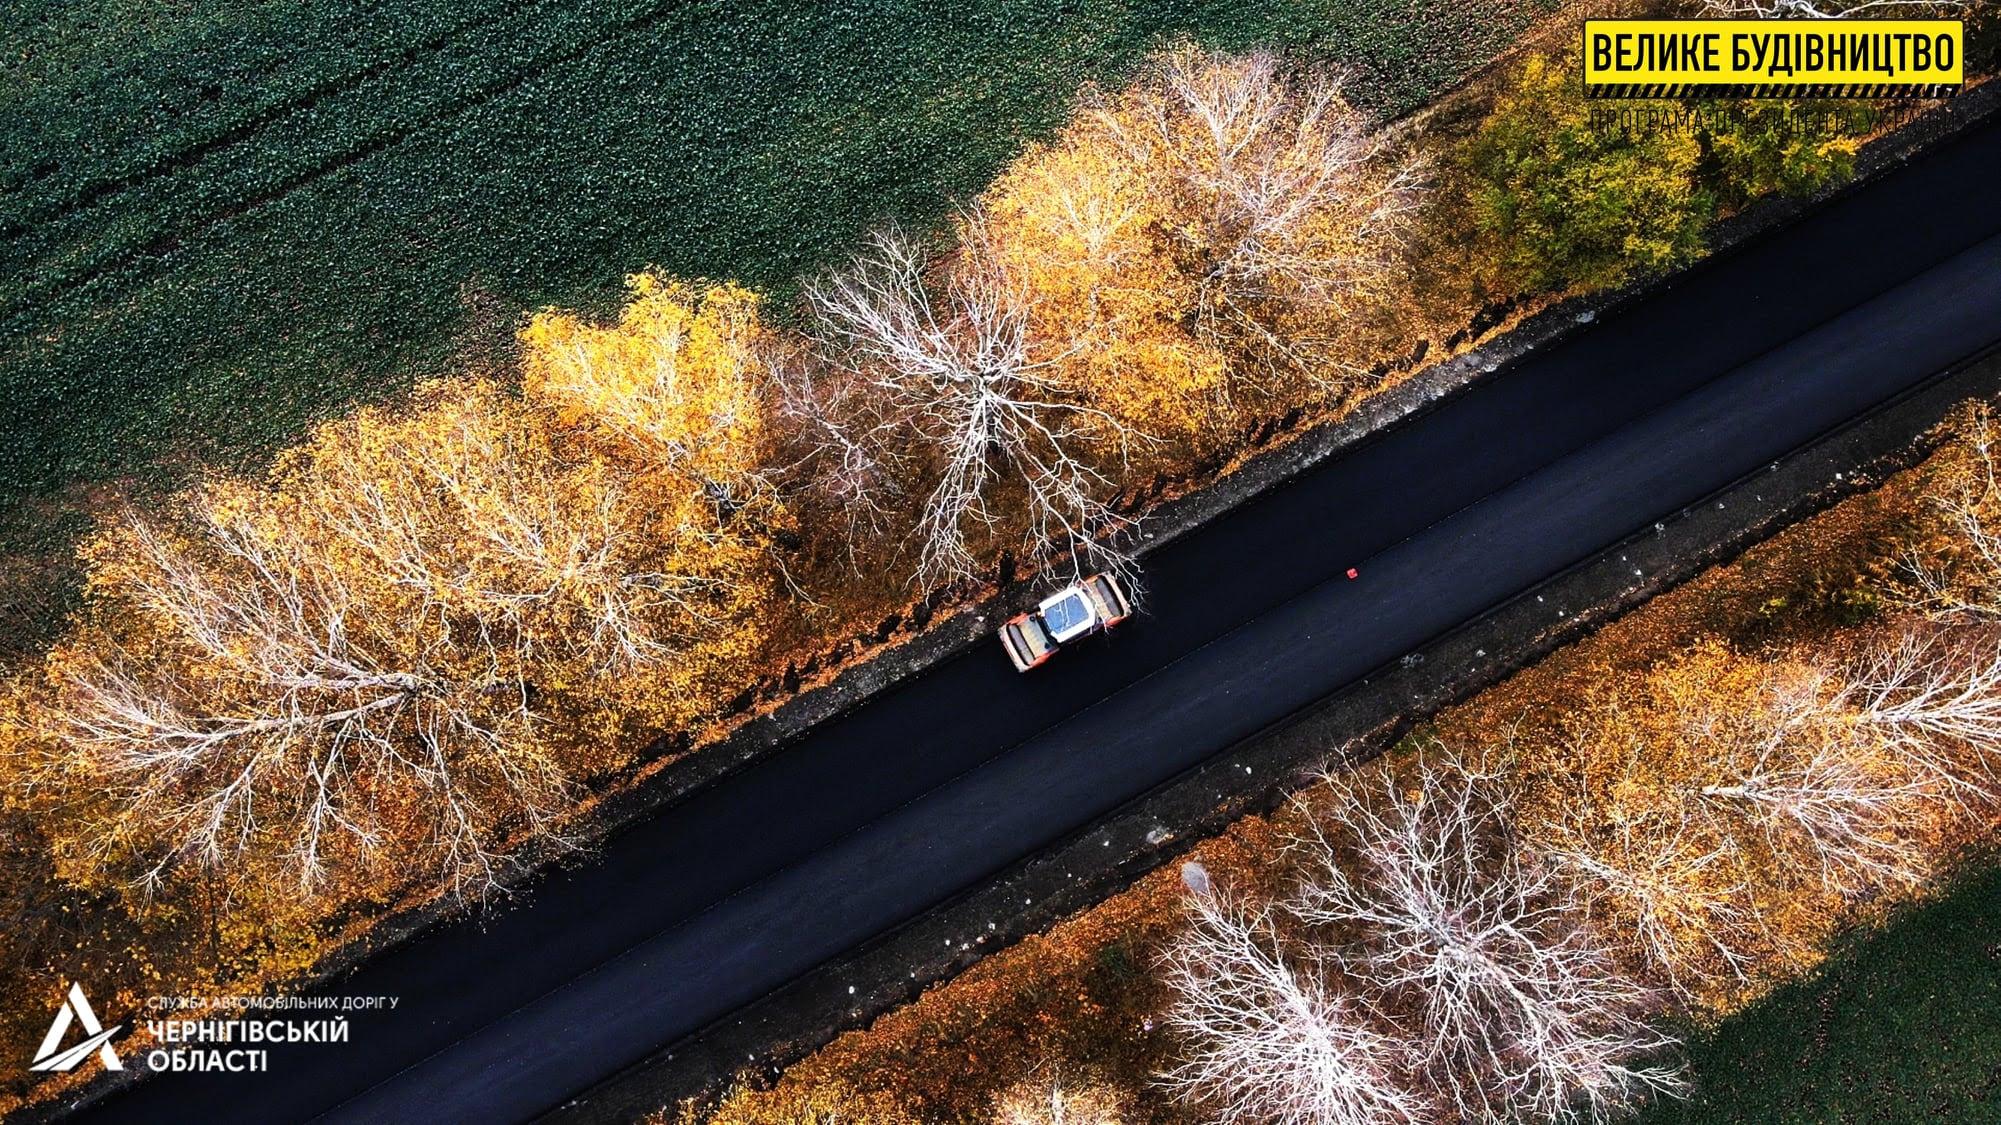 """""""Велике будівництво"""": ремонт дороги Р-67 Ніжин – Прилуки (Фото)"""